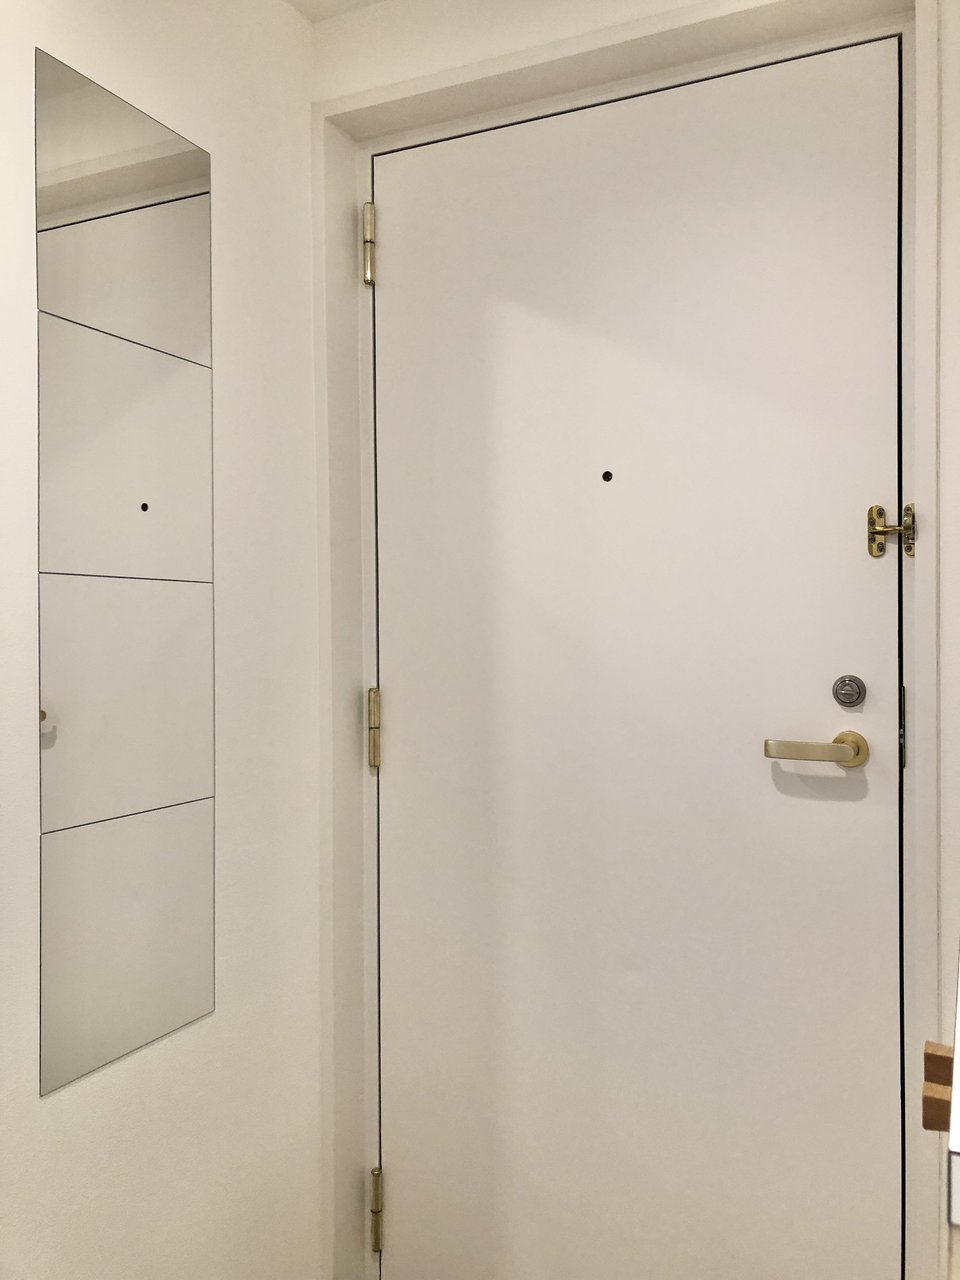 玄関には姿見鏡を。お出掛け前の身だしなみチェックも簡単に済ませられます。